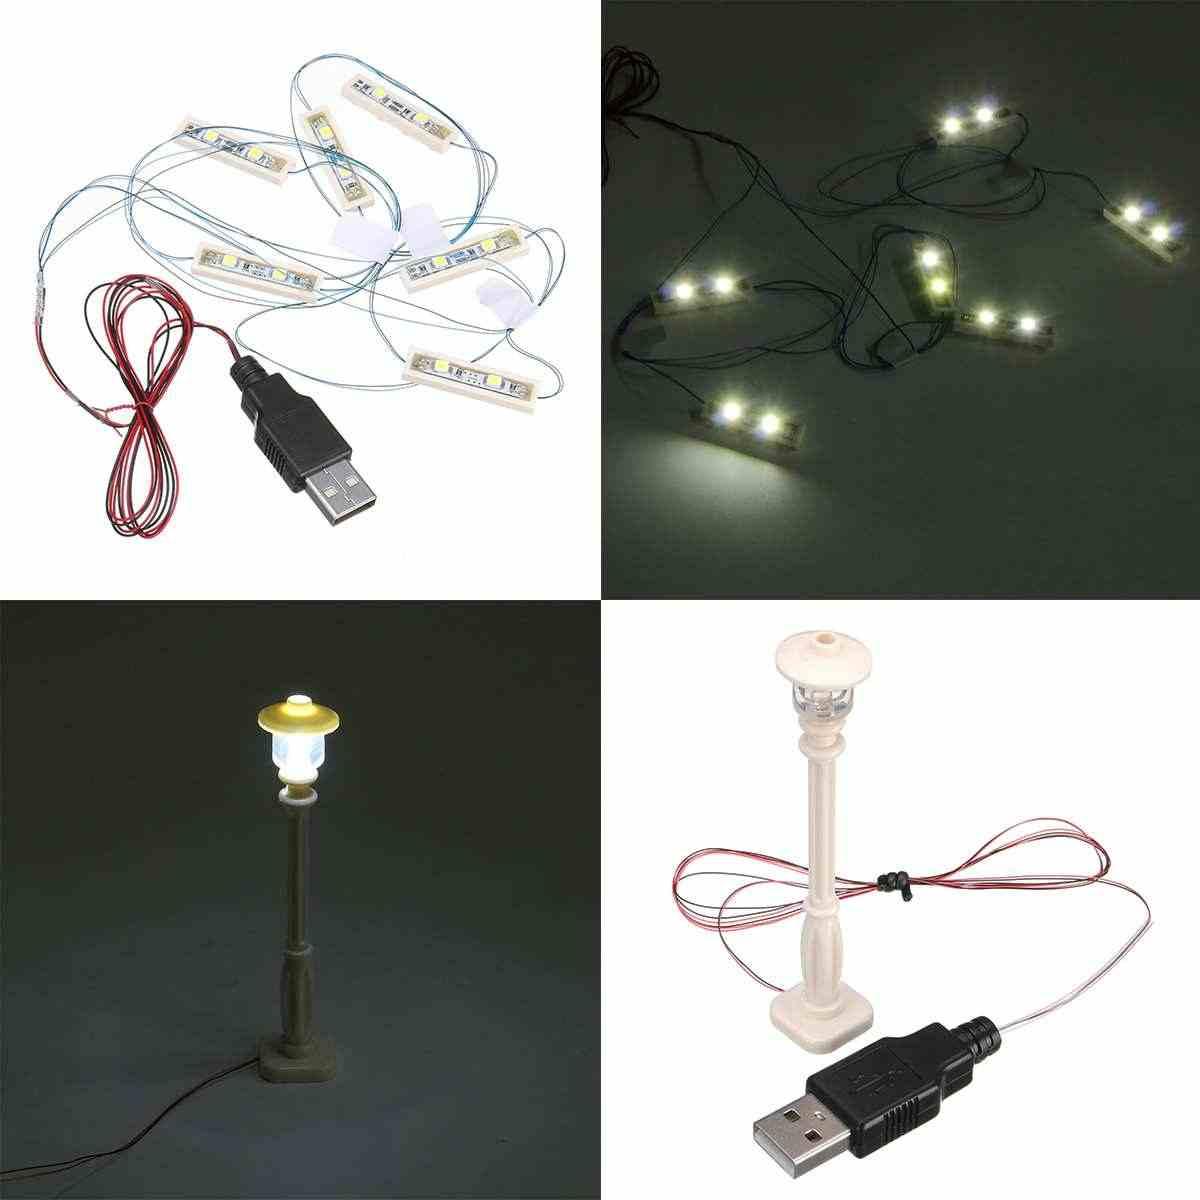 Zestaw oświetlenia LED do Lego dla banku Model do 10251 cegły (tylko światło w zestawie) oświetlenie zestaw nowy